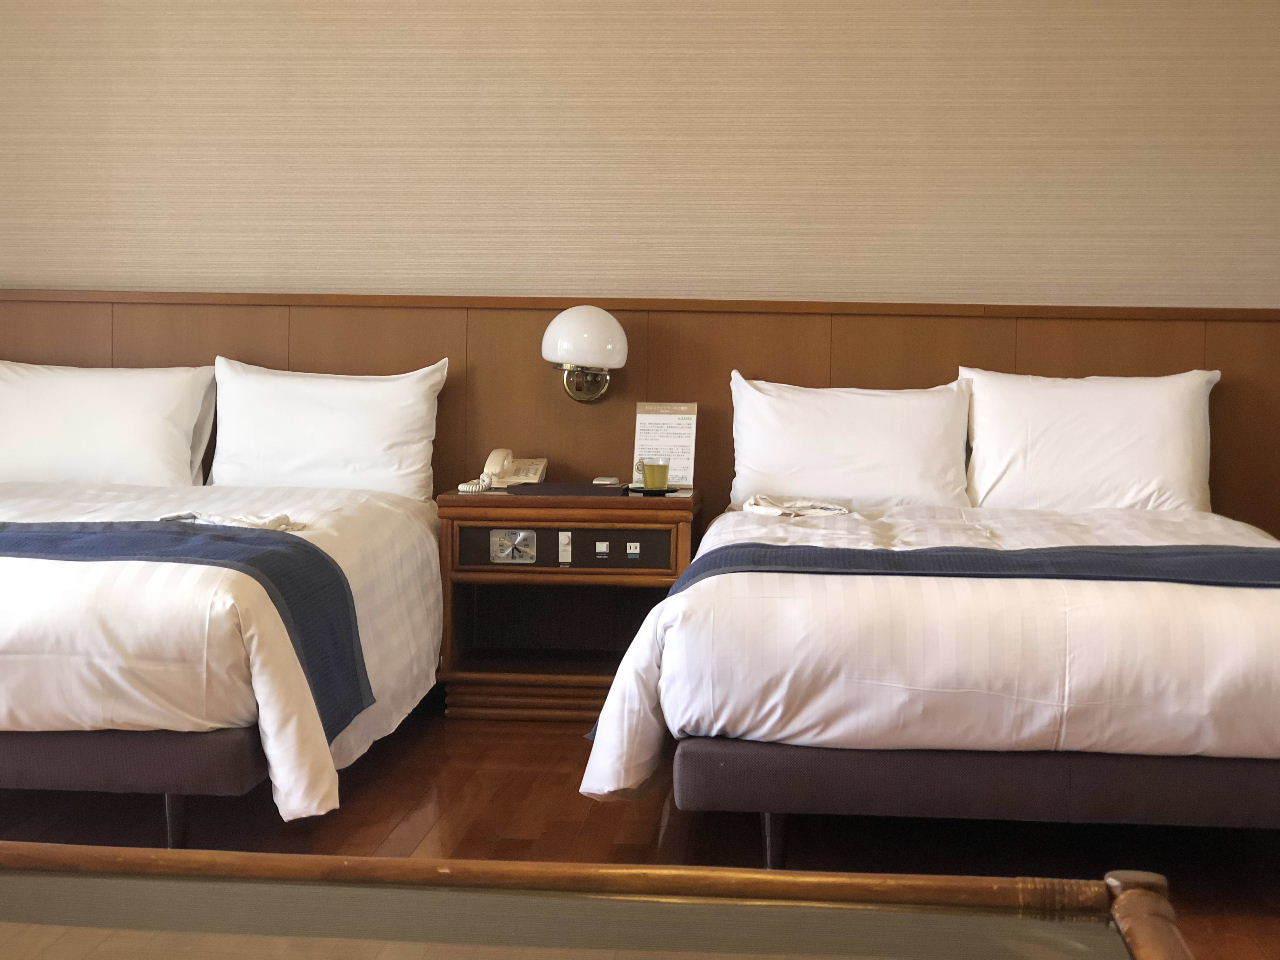 石垣5島めぐり・・最後の小浜島観光とリゾート・ホテル「はいむるぶし」 _c0011649_03564859.jpg